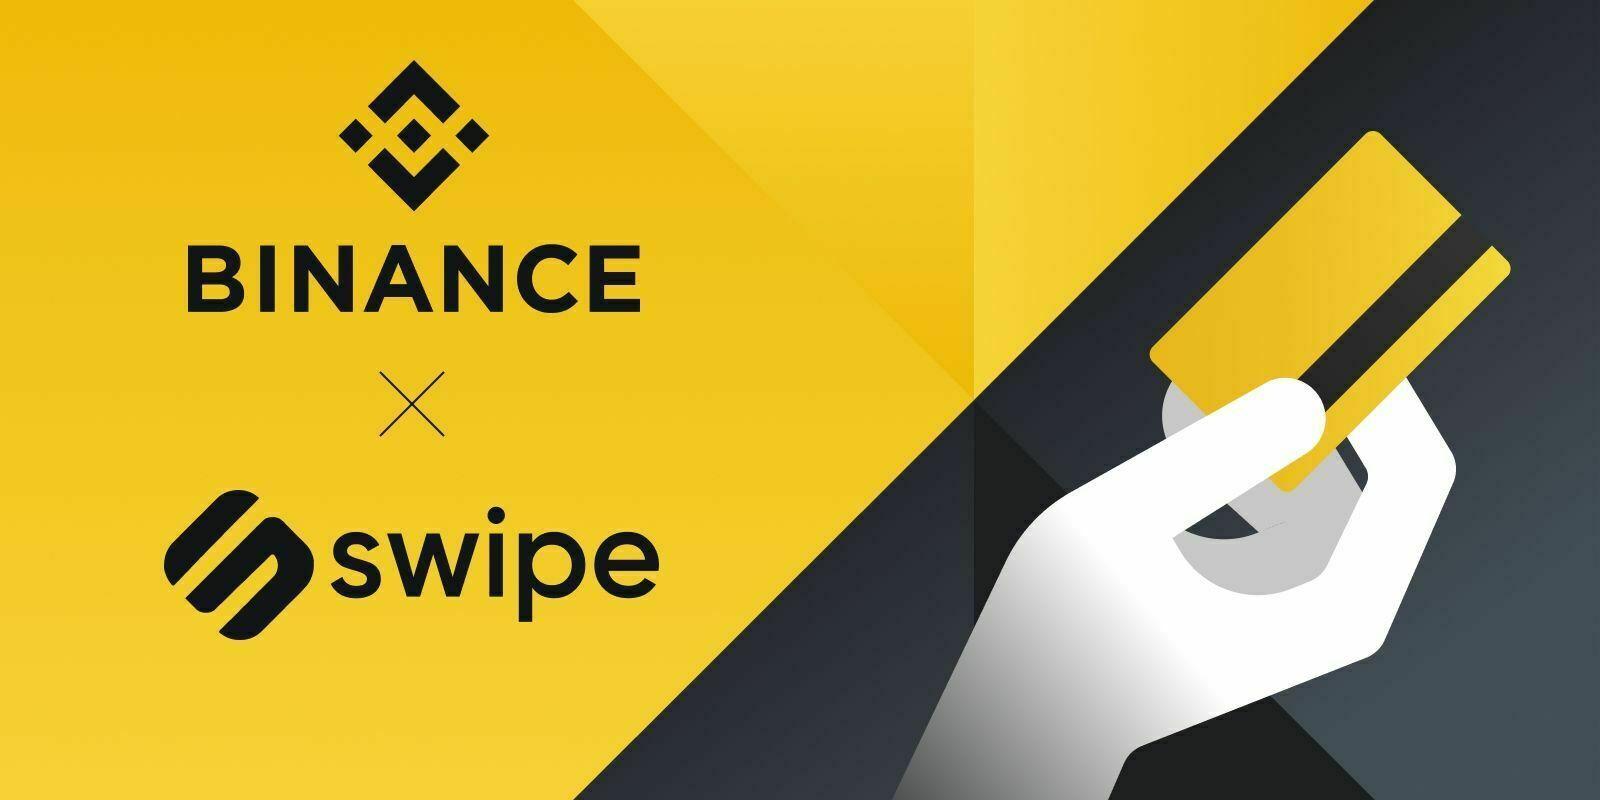 Binance acquiert Swipe, un fournisseur de cartes de débit crypto